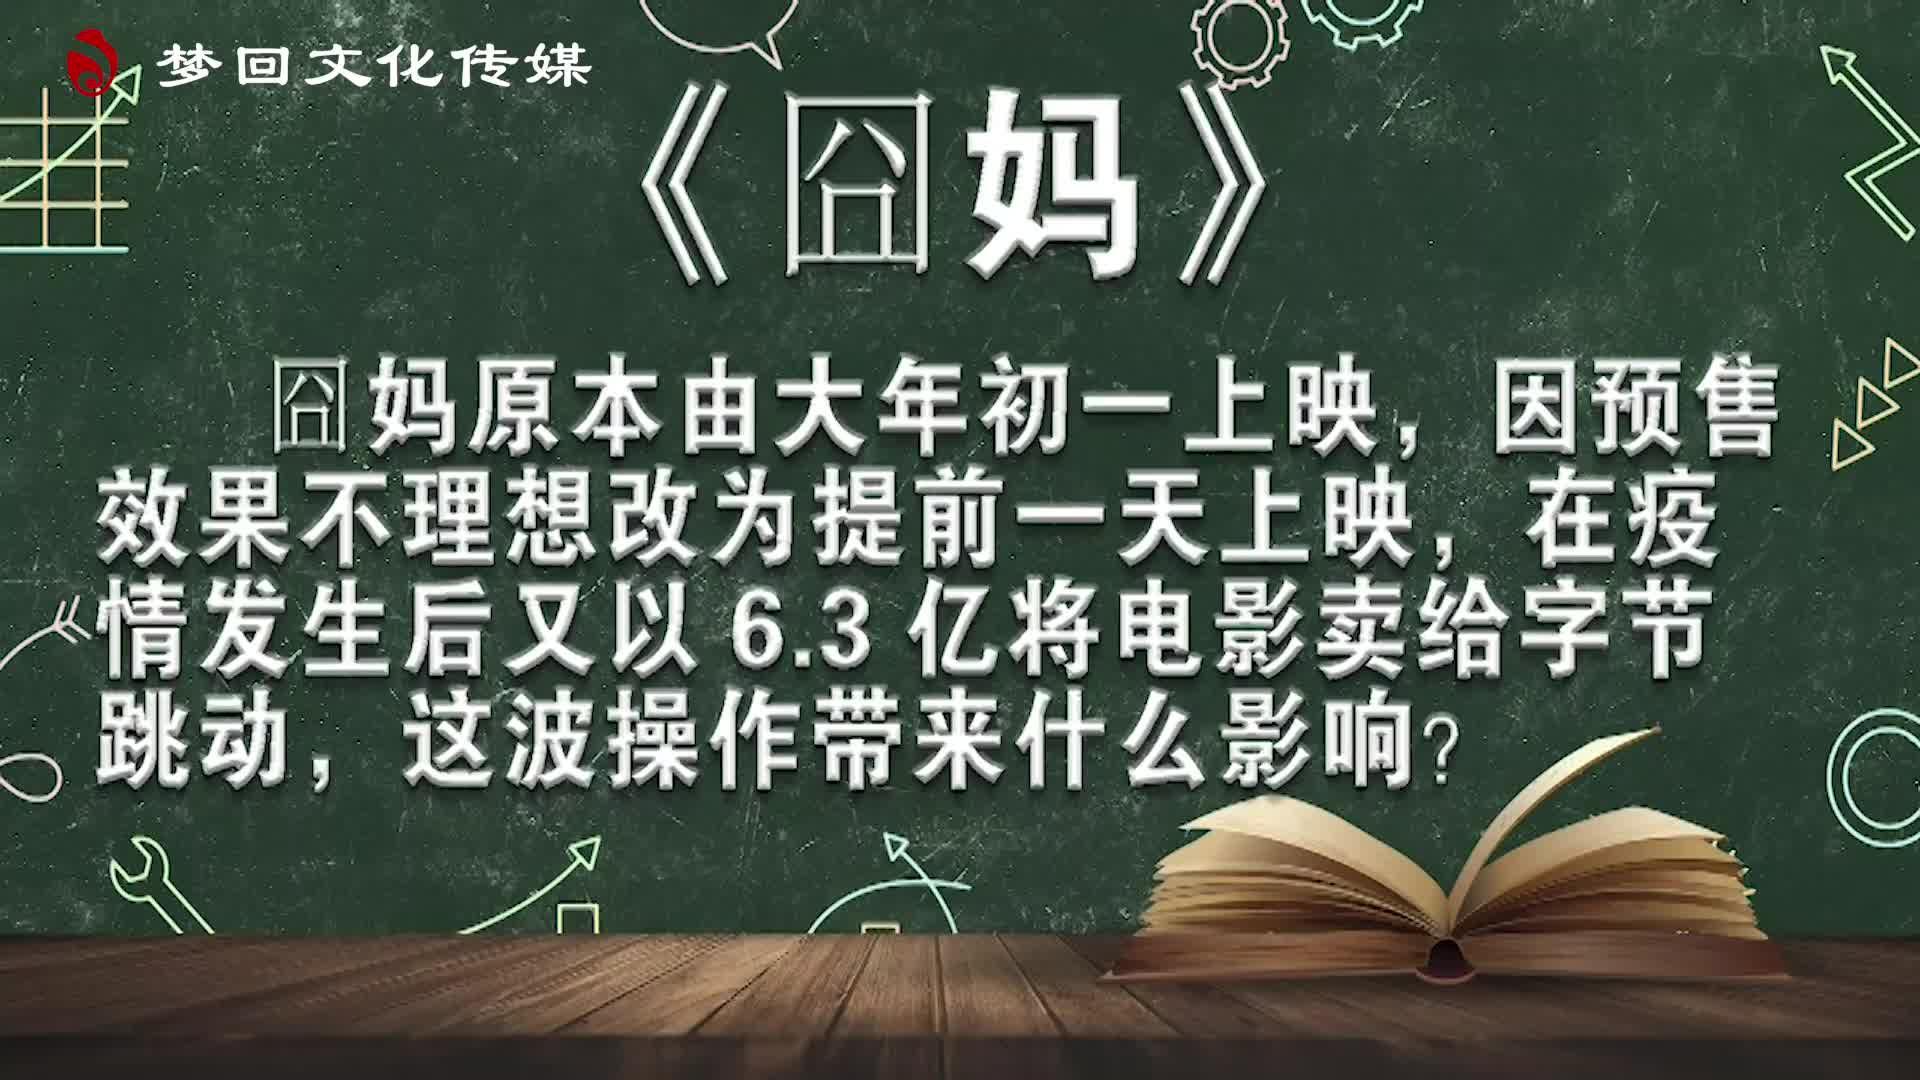 【赵老师的电影课】囧妈(二)